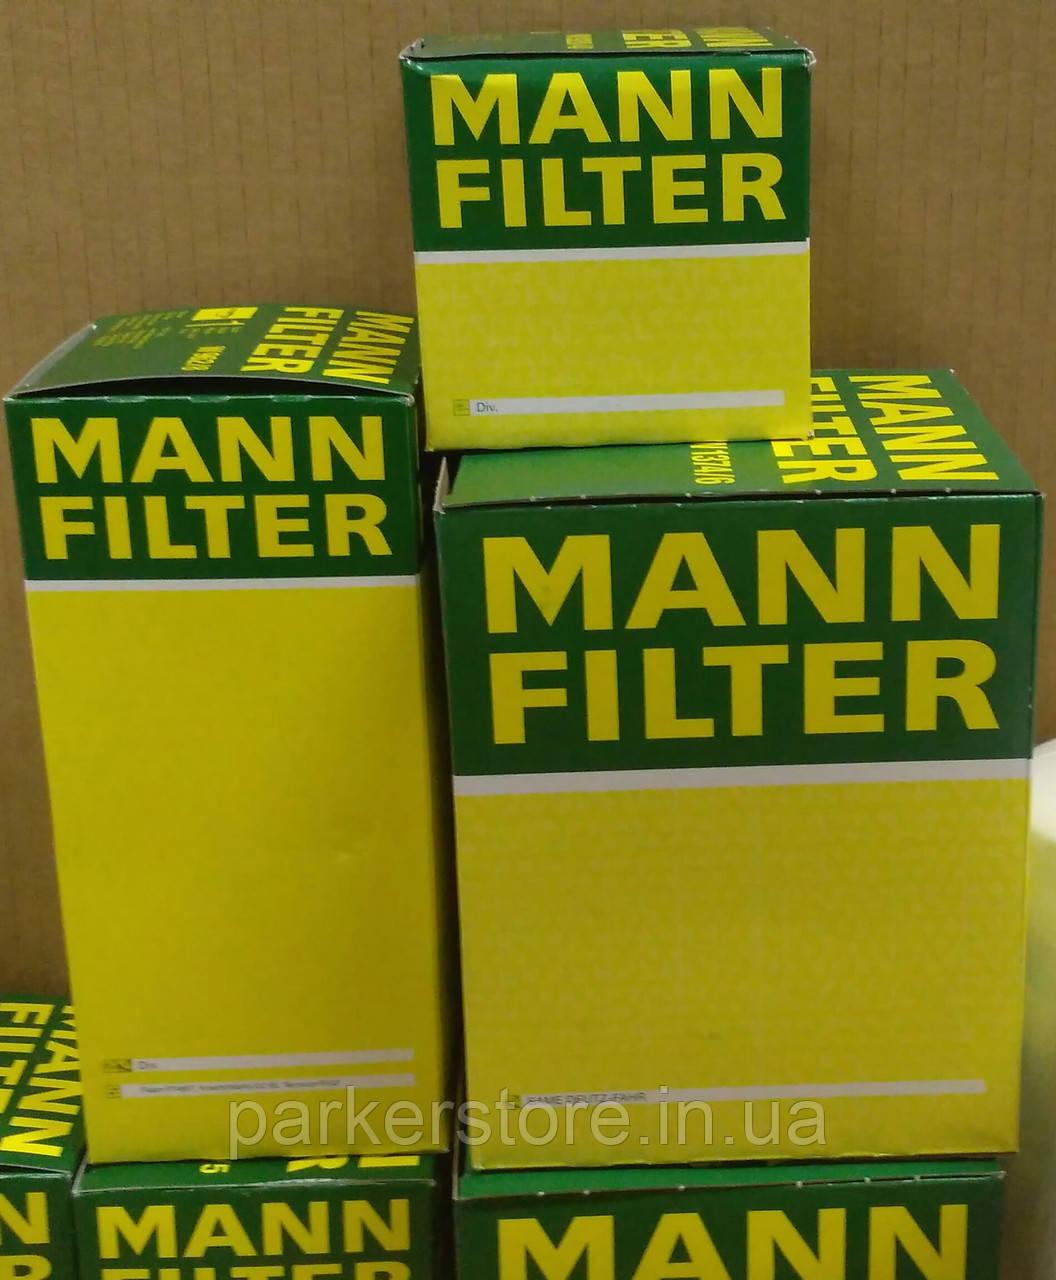 MANN FILTER / Воздушный фильтр / C 2645/1 / C2645/1